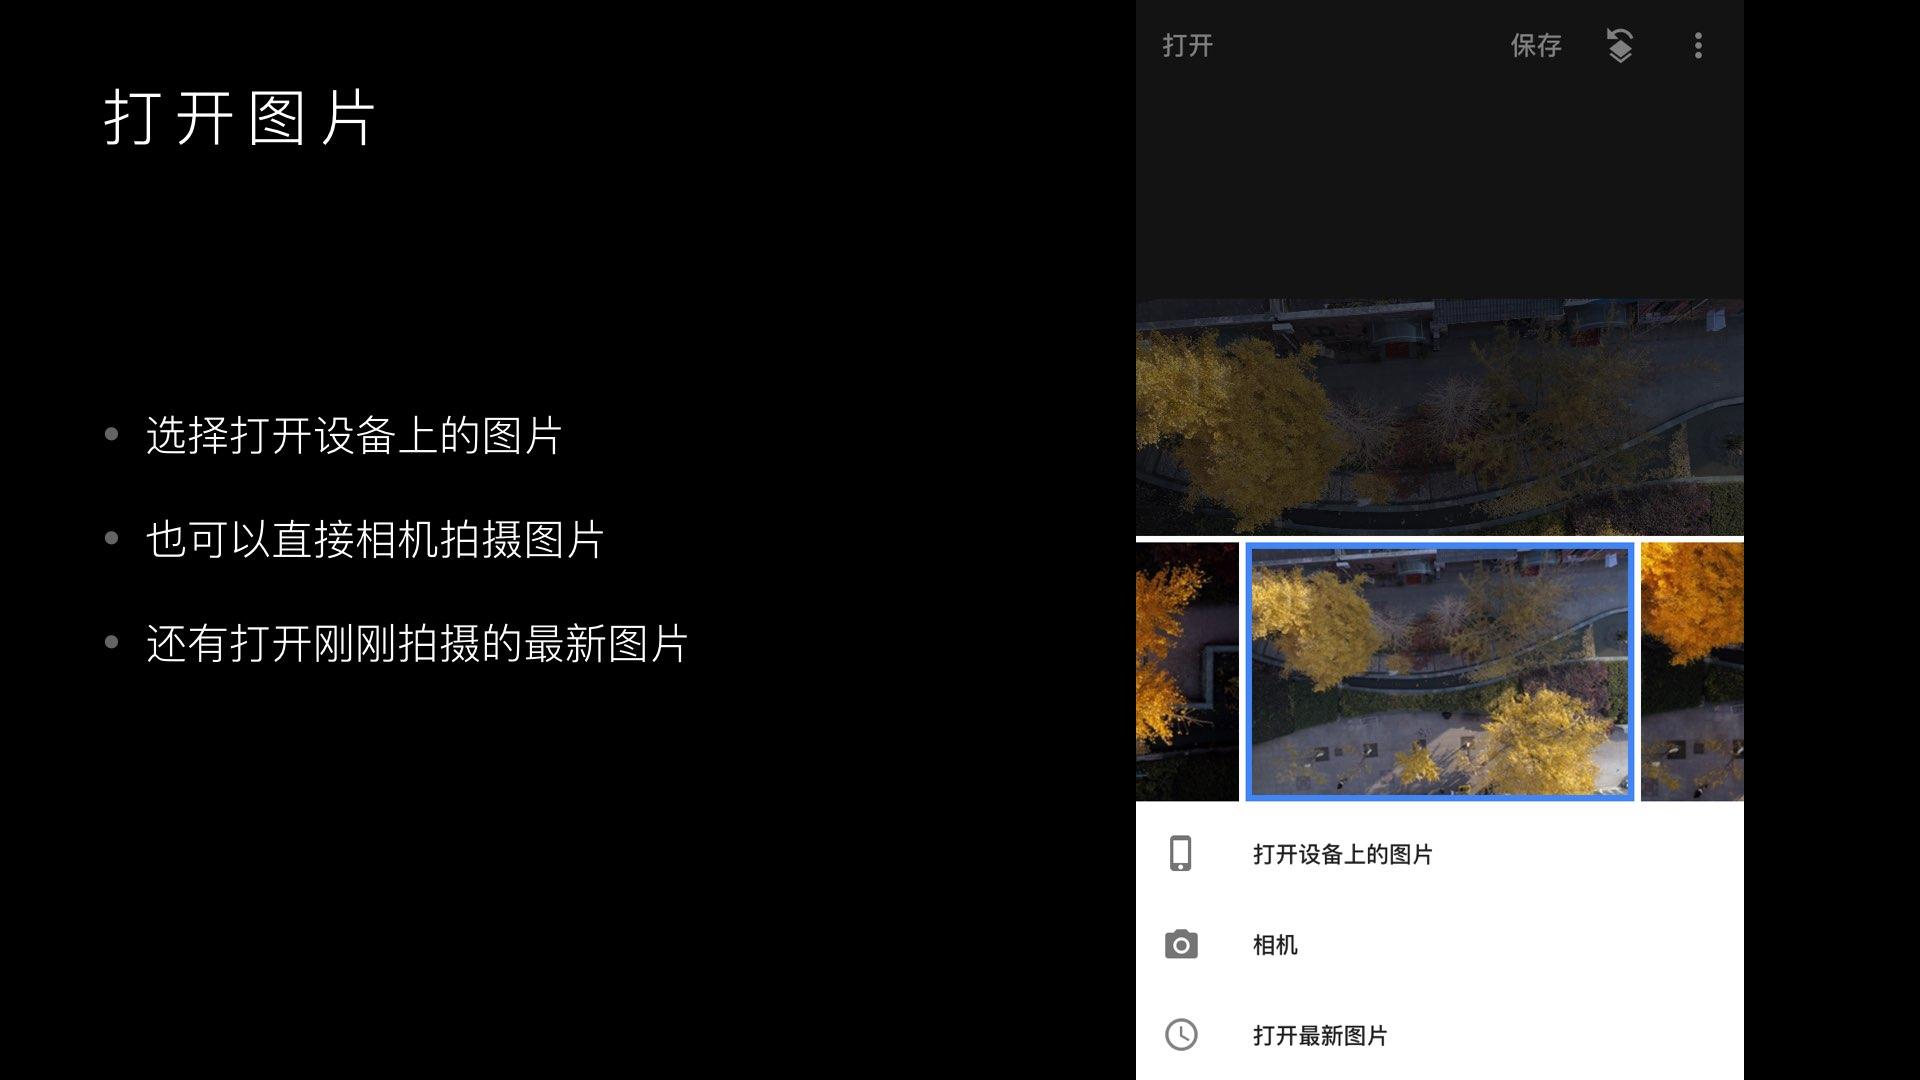 化腐朽为神奇,Snapseed图片编辑教程.004.jpeg